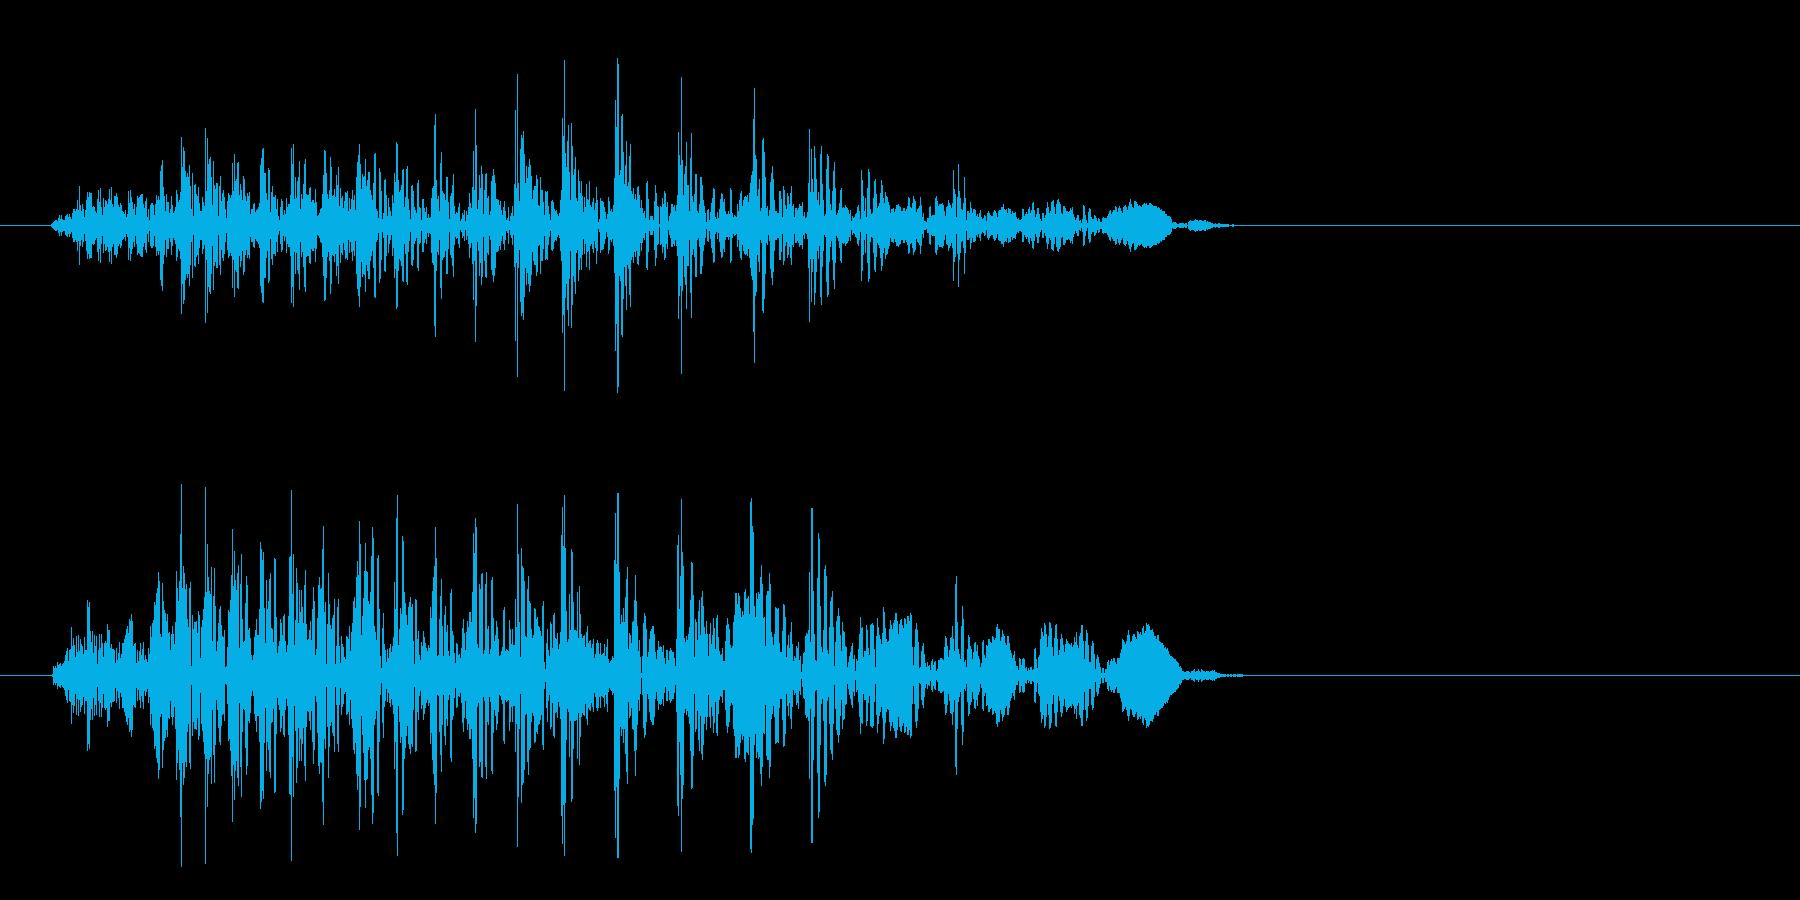 ちゃわ(宇宙人の発声)の再生済みの波形